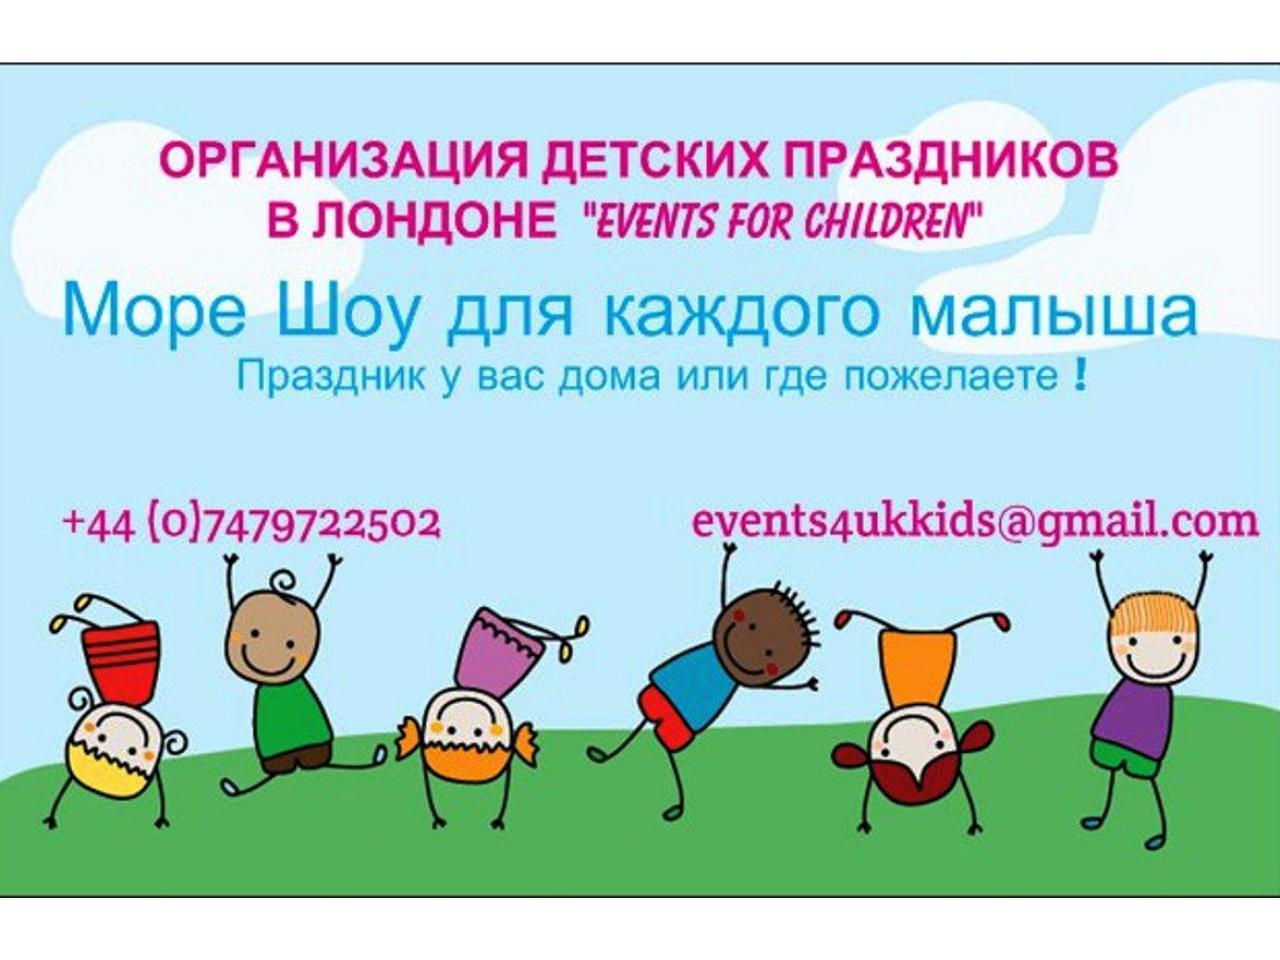 Лучшие праздники для ваших деток  на русском и английском в Лондоне - 5